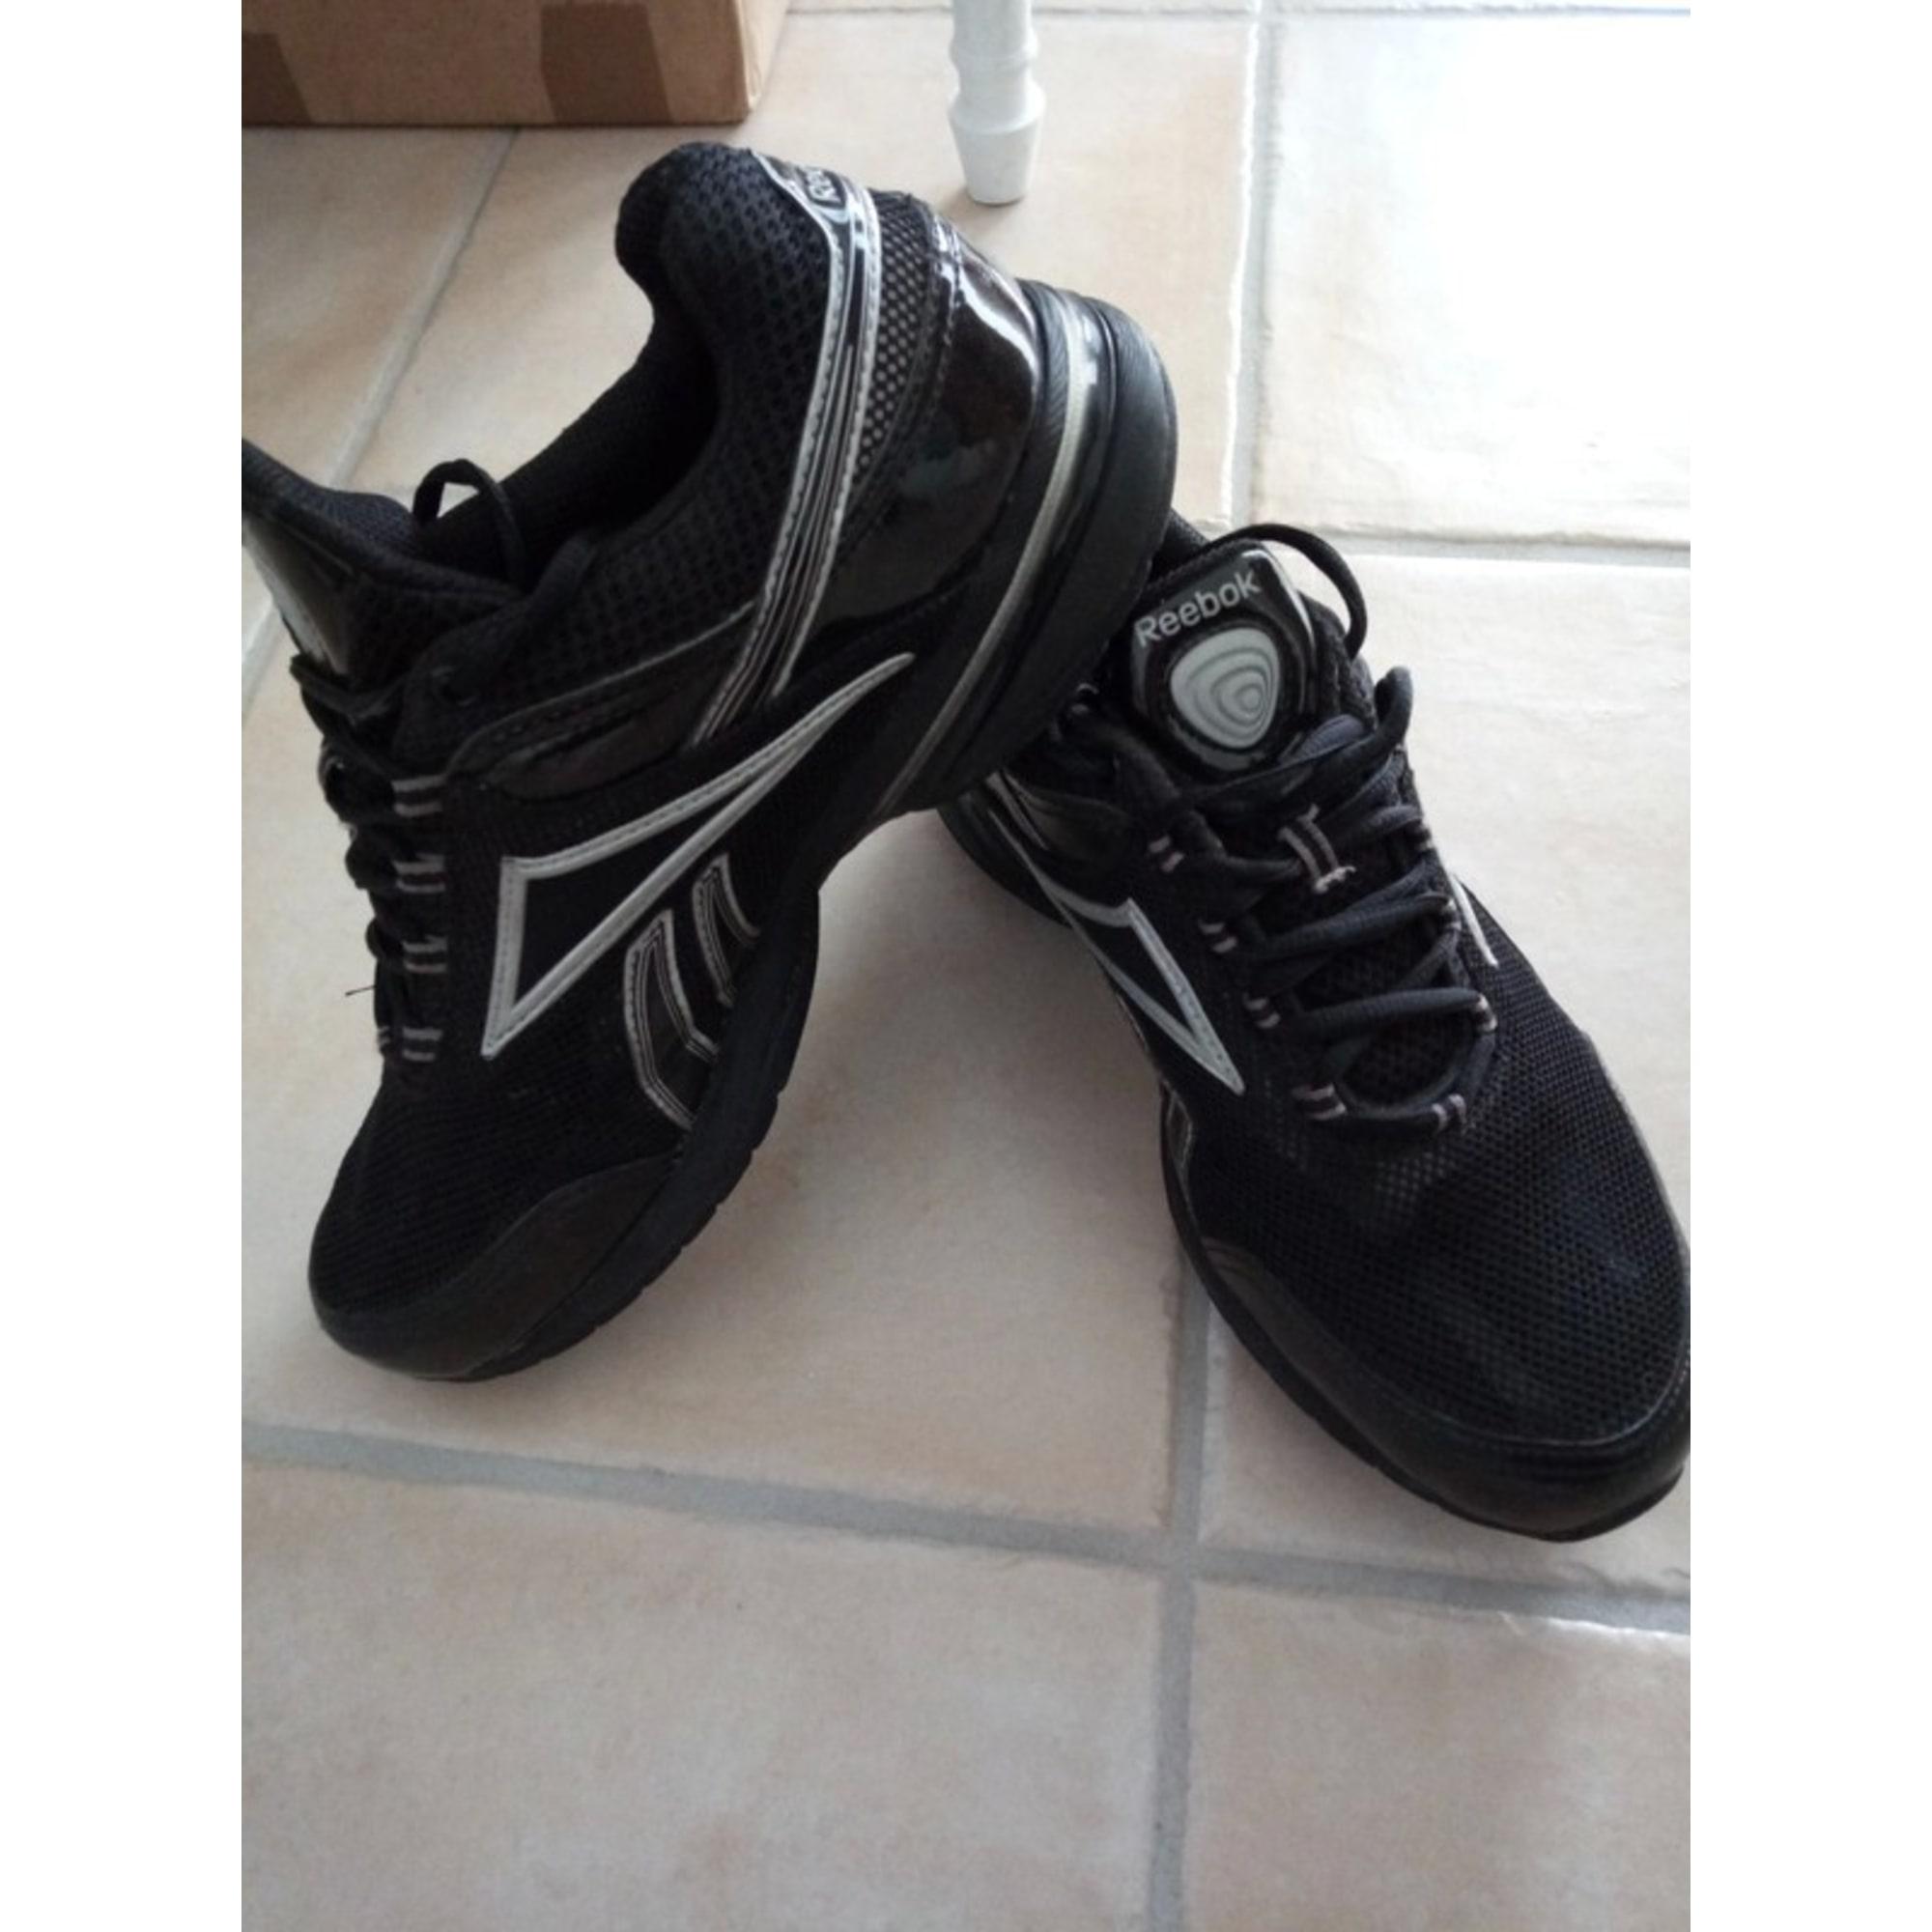 38 3391511 De Noir Sport Chaussures Reebok gtXYwqx